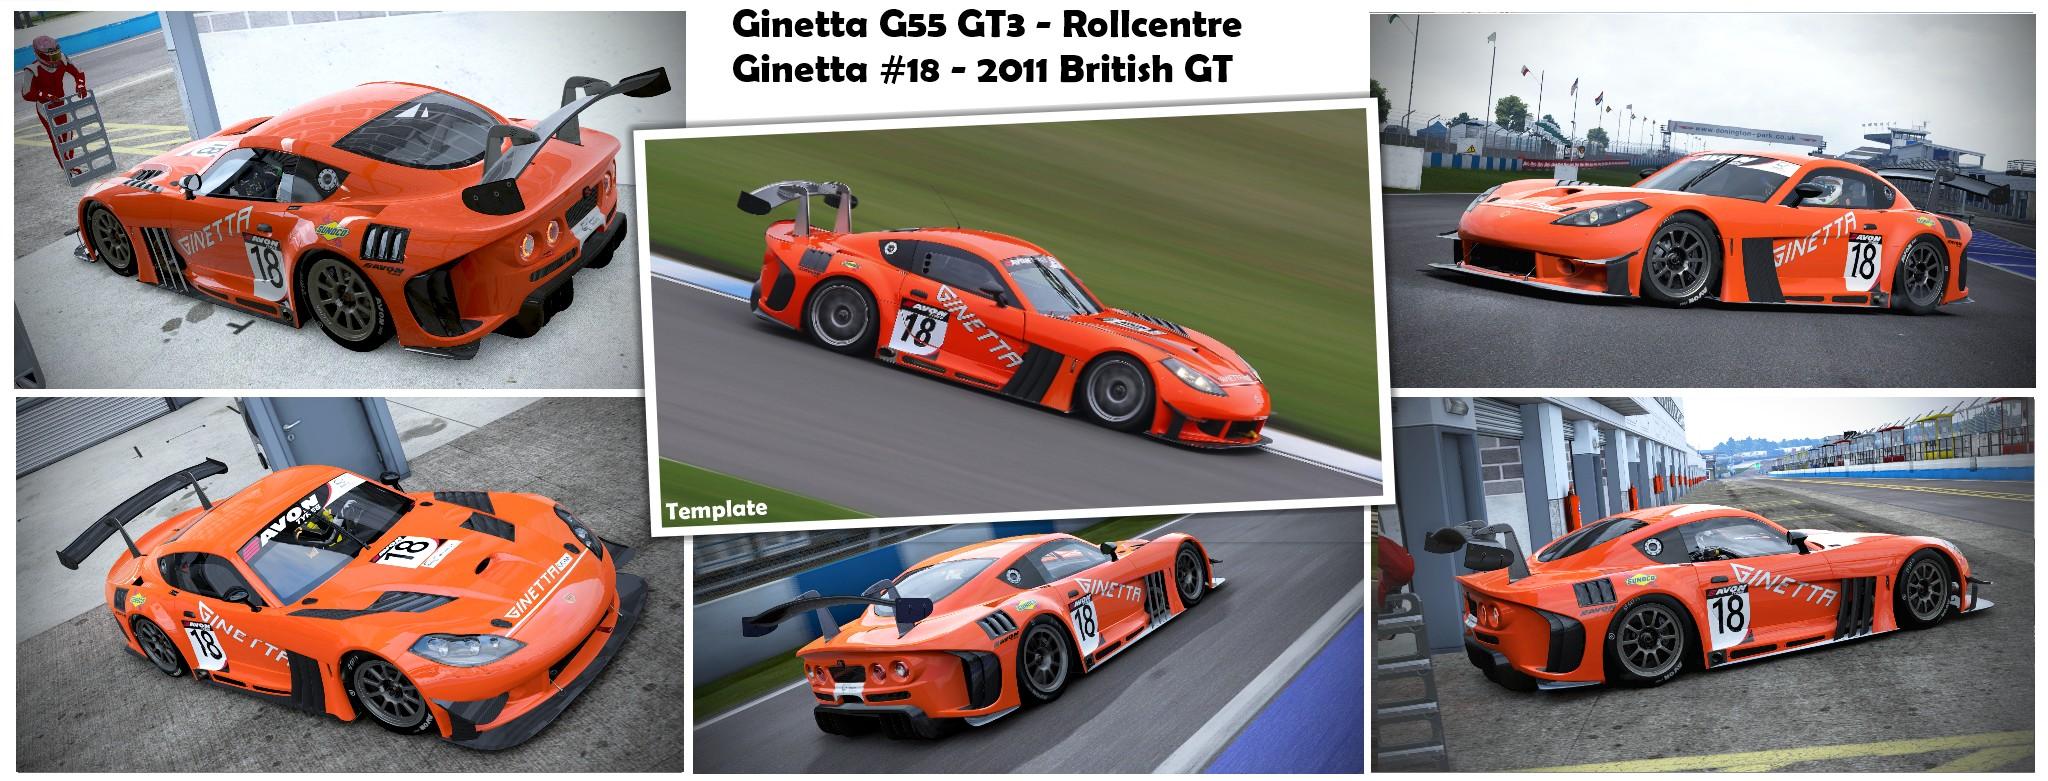 Rollcentre Ginetta #18 - 2011 British GT.jpg